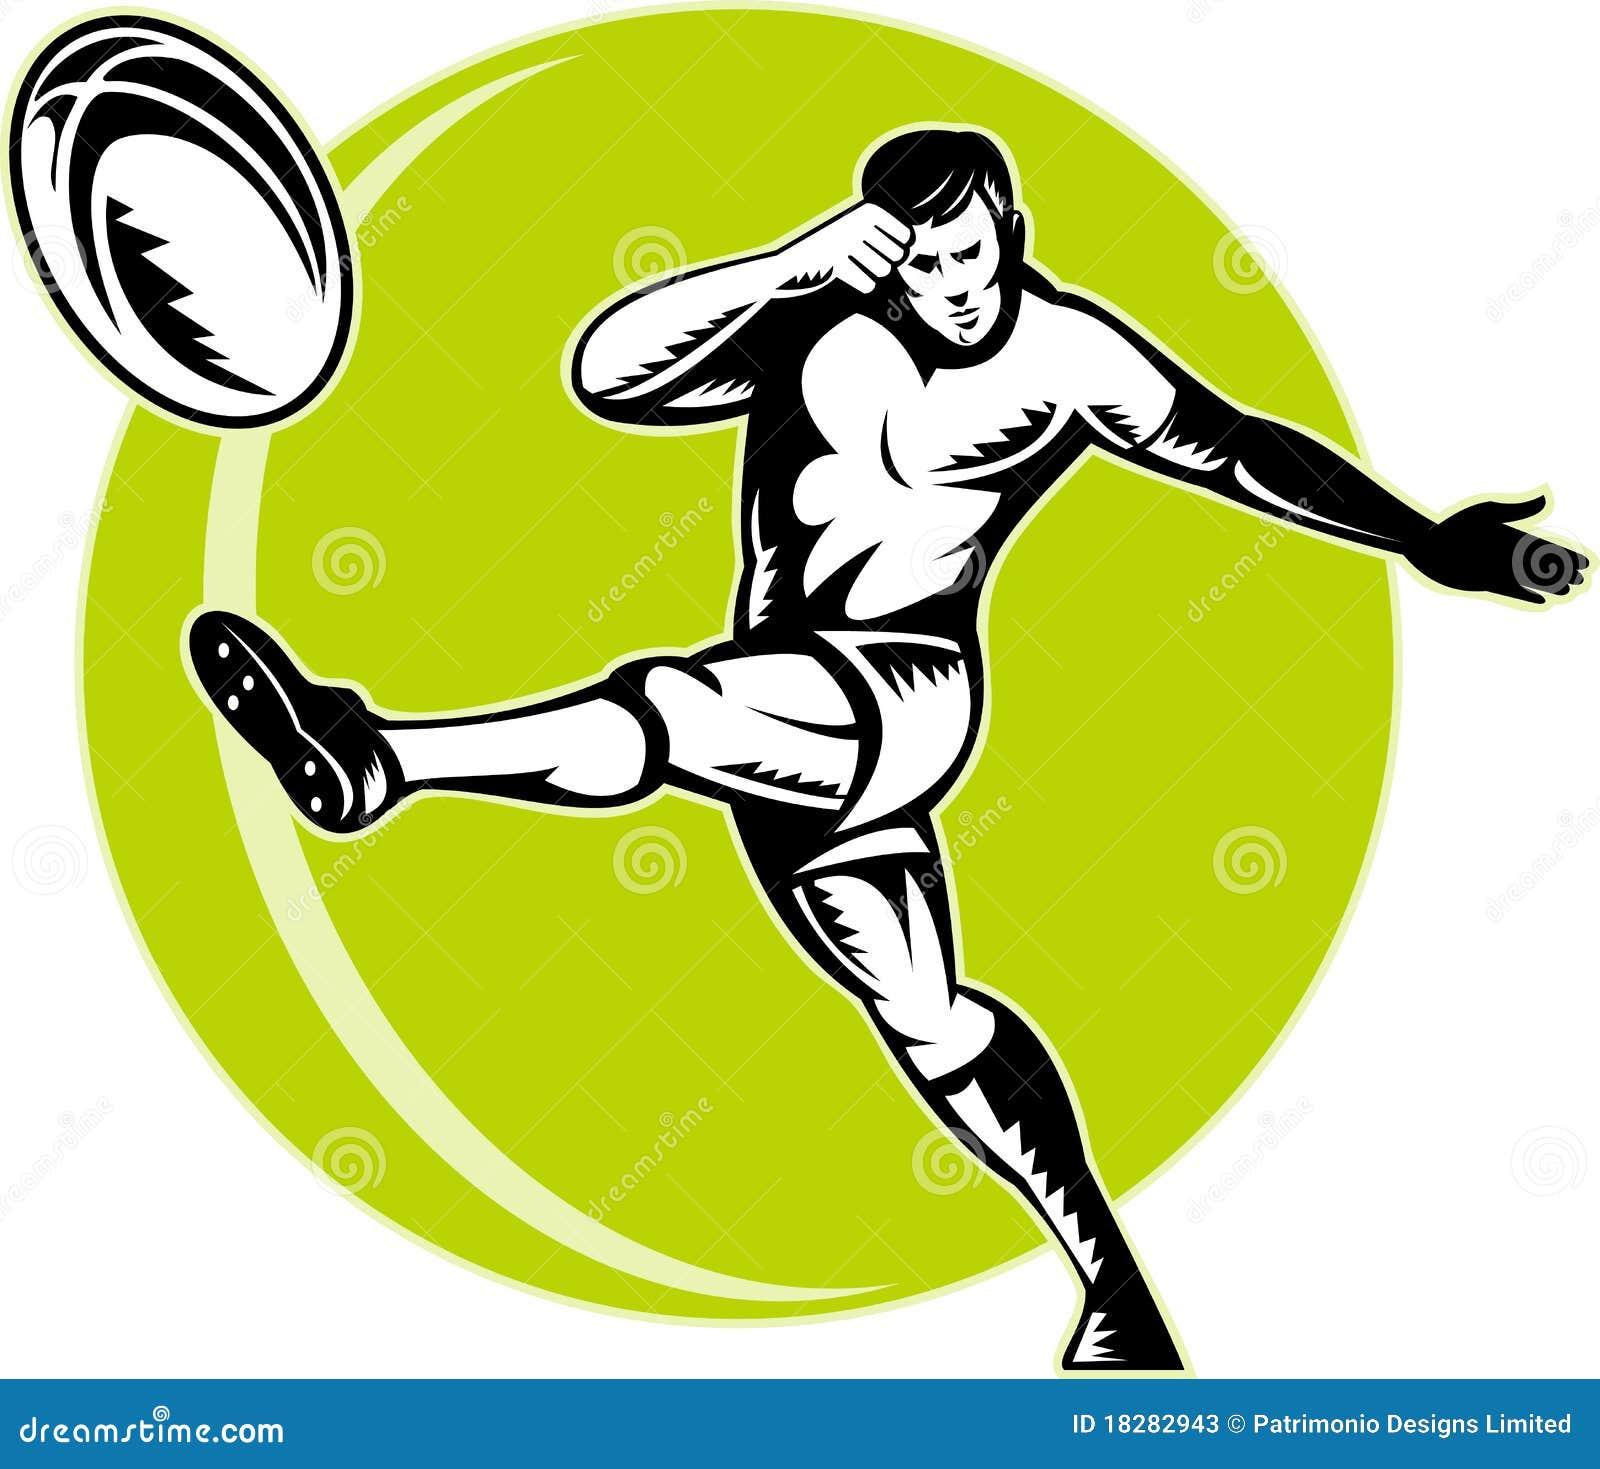 Joueur de rugby donnant un coup de pied la bille illustration stock illustration du dessin - Dessin de joueur de rugby ...